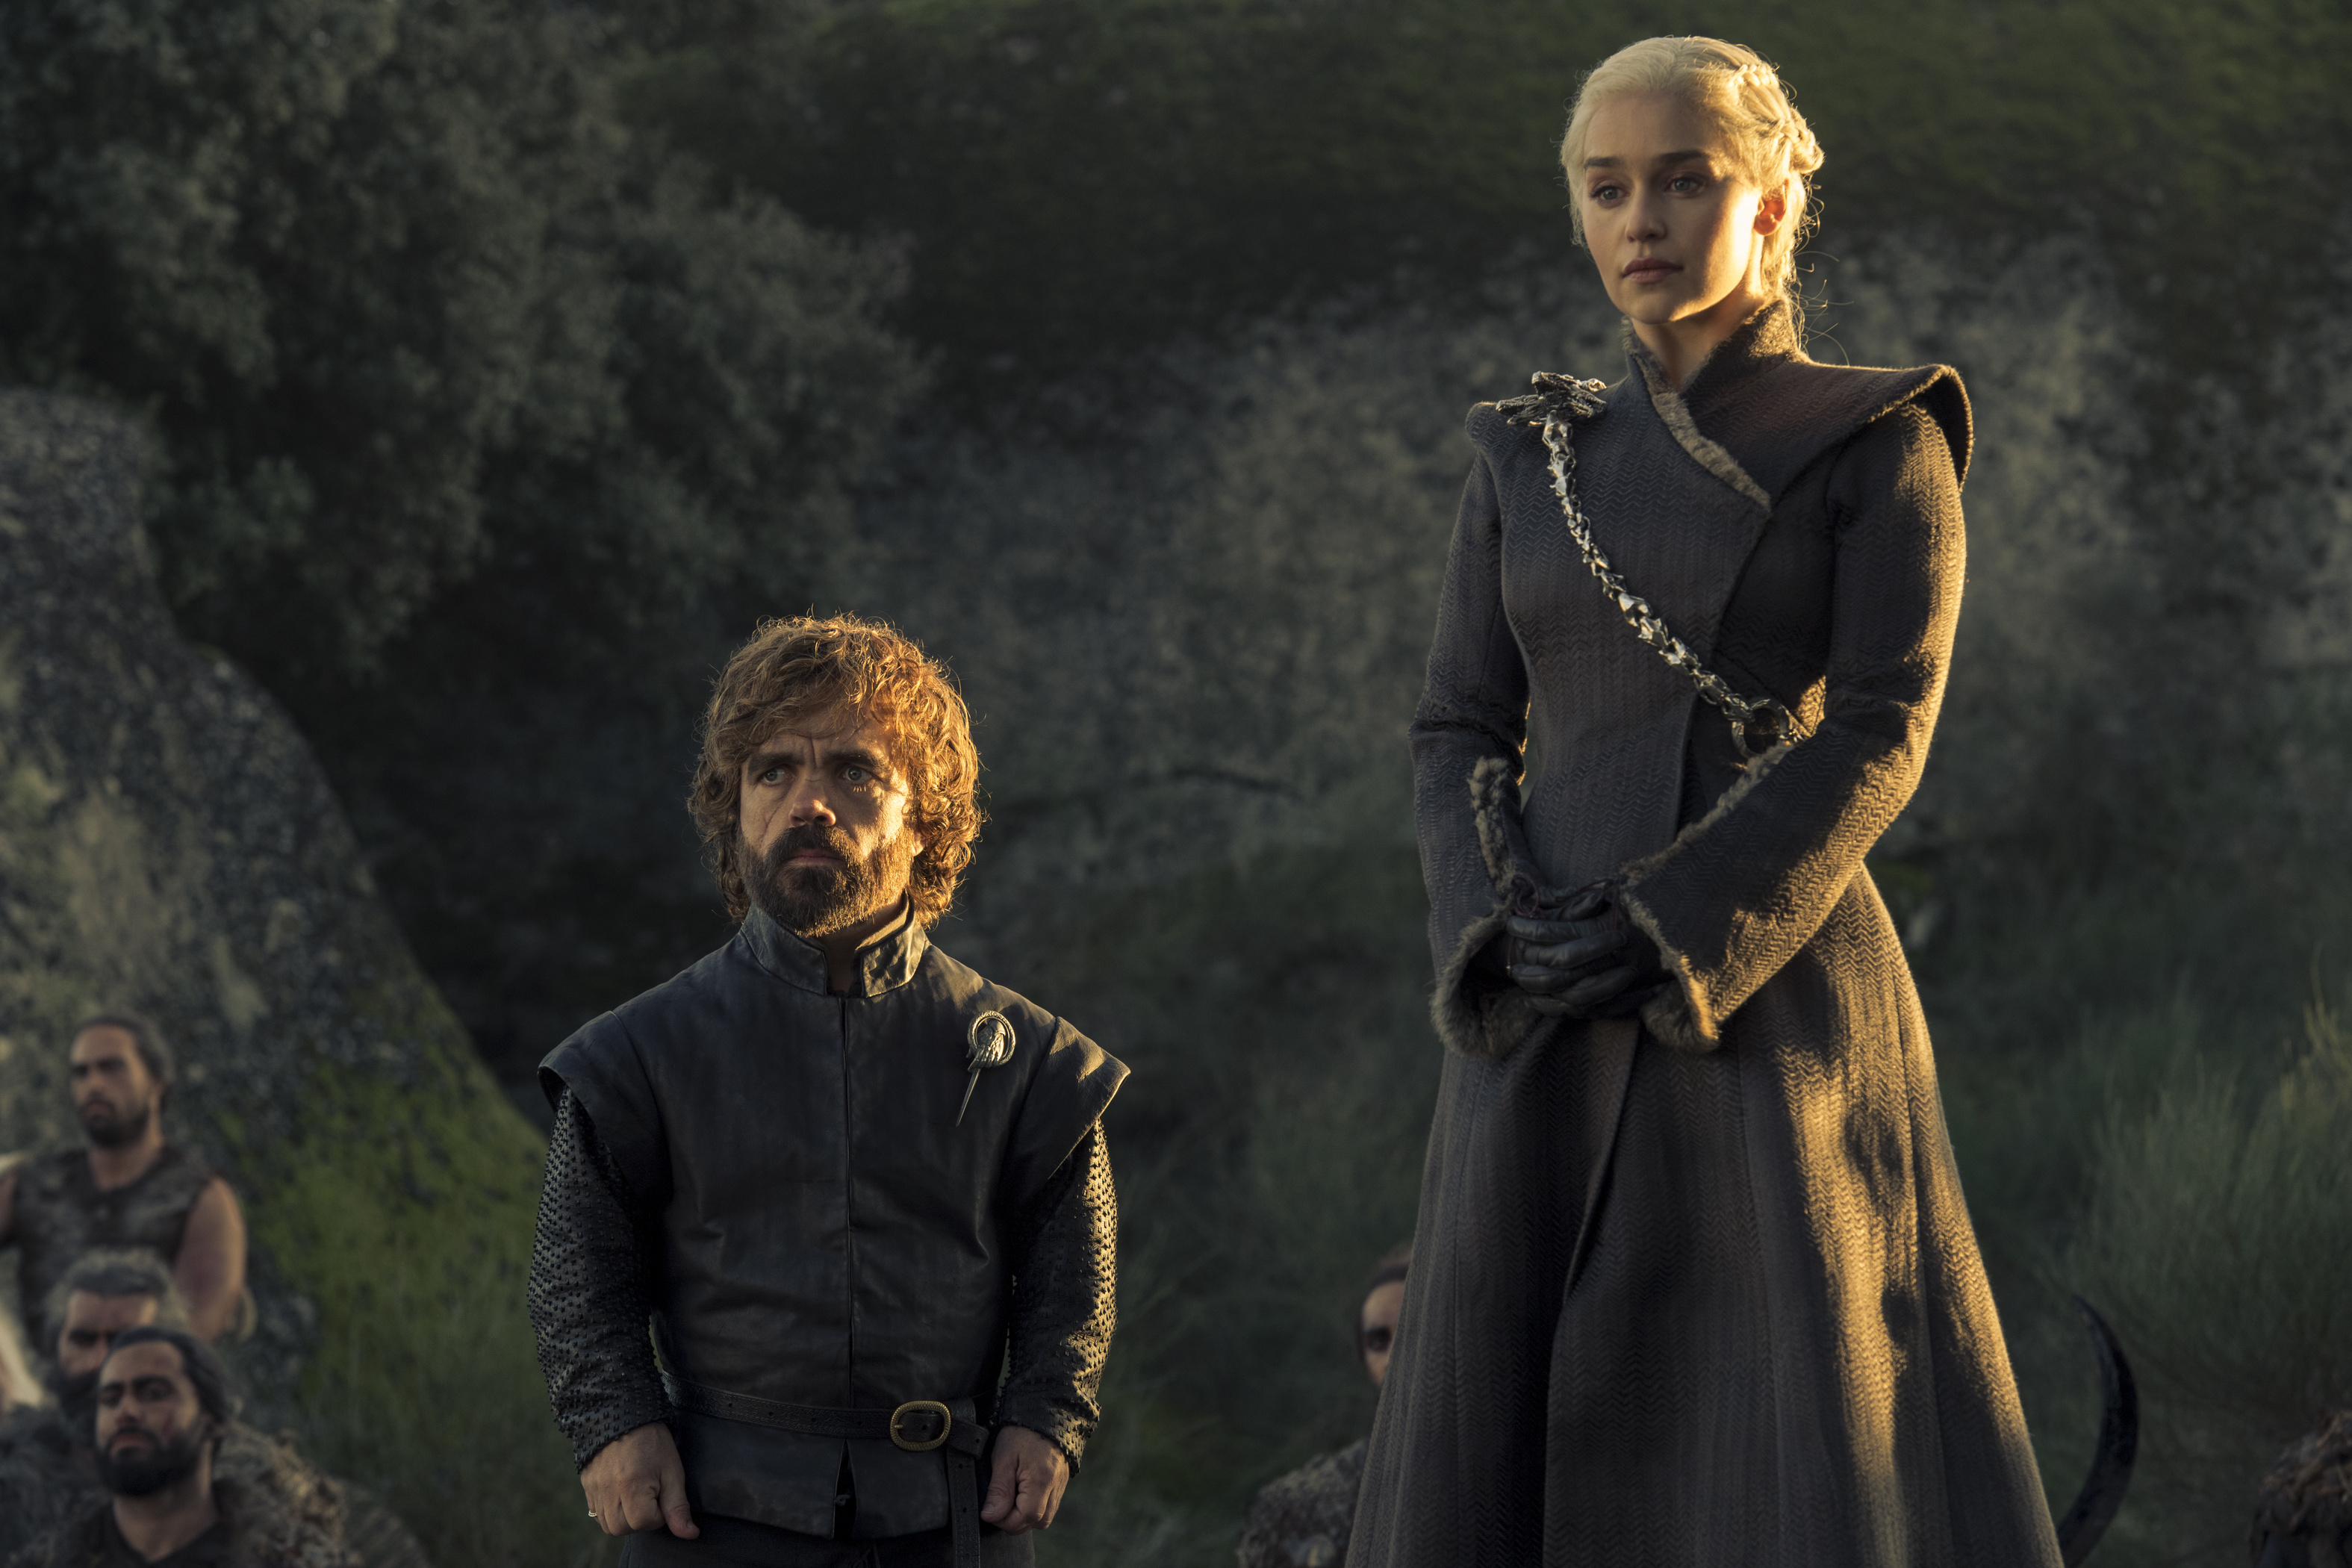 Daenarys Targaryen and Tyrion Lannister